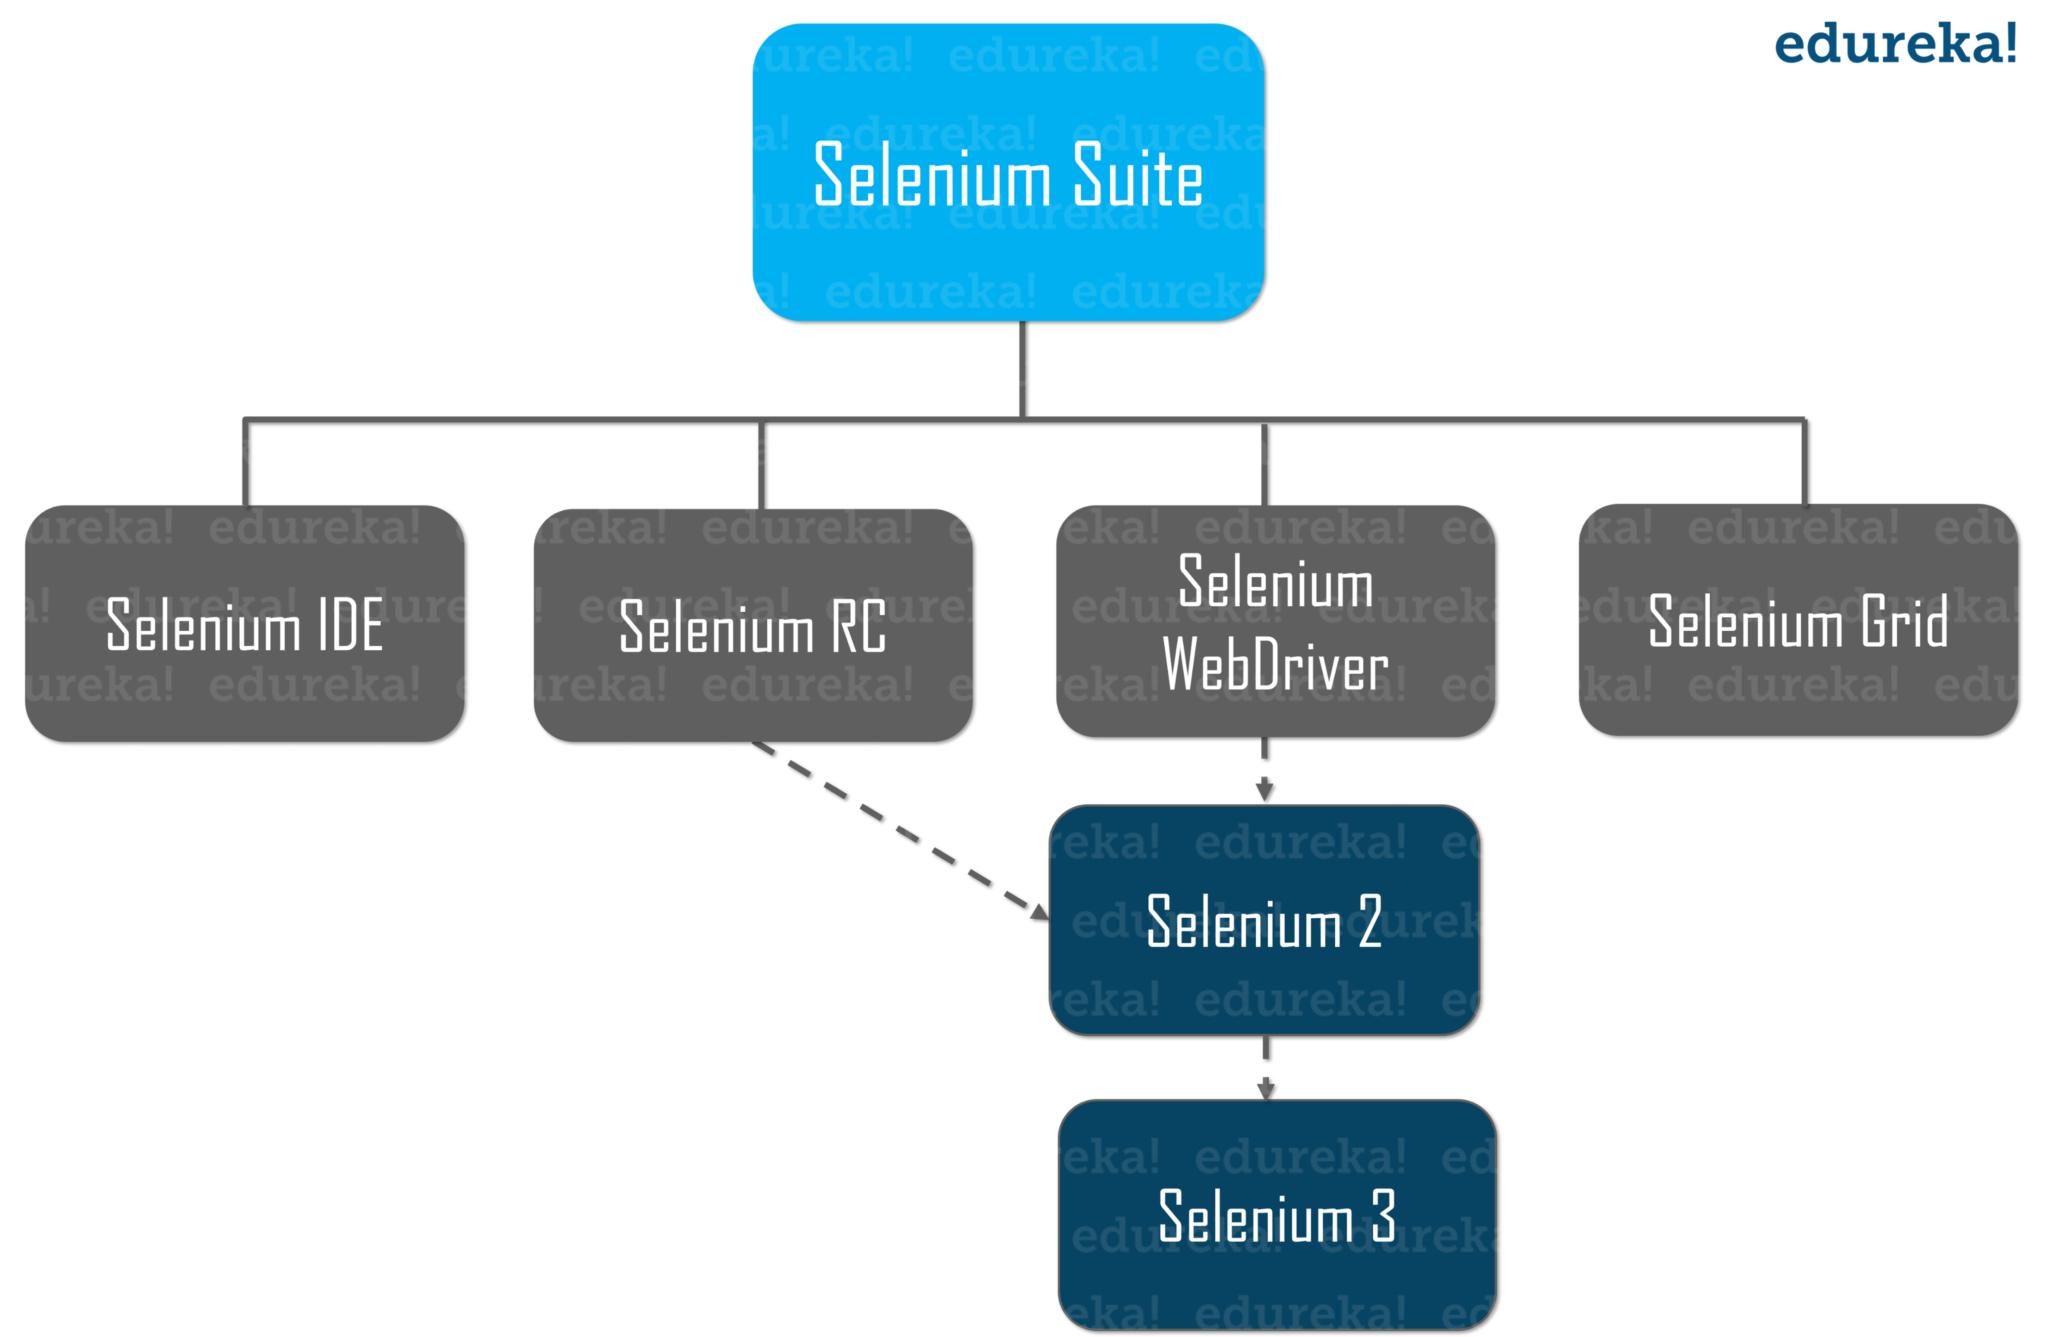 Selenium Suite - Selenium WebDriver Architecture - Edureka